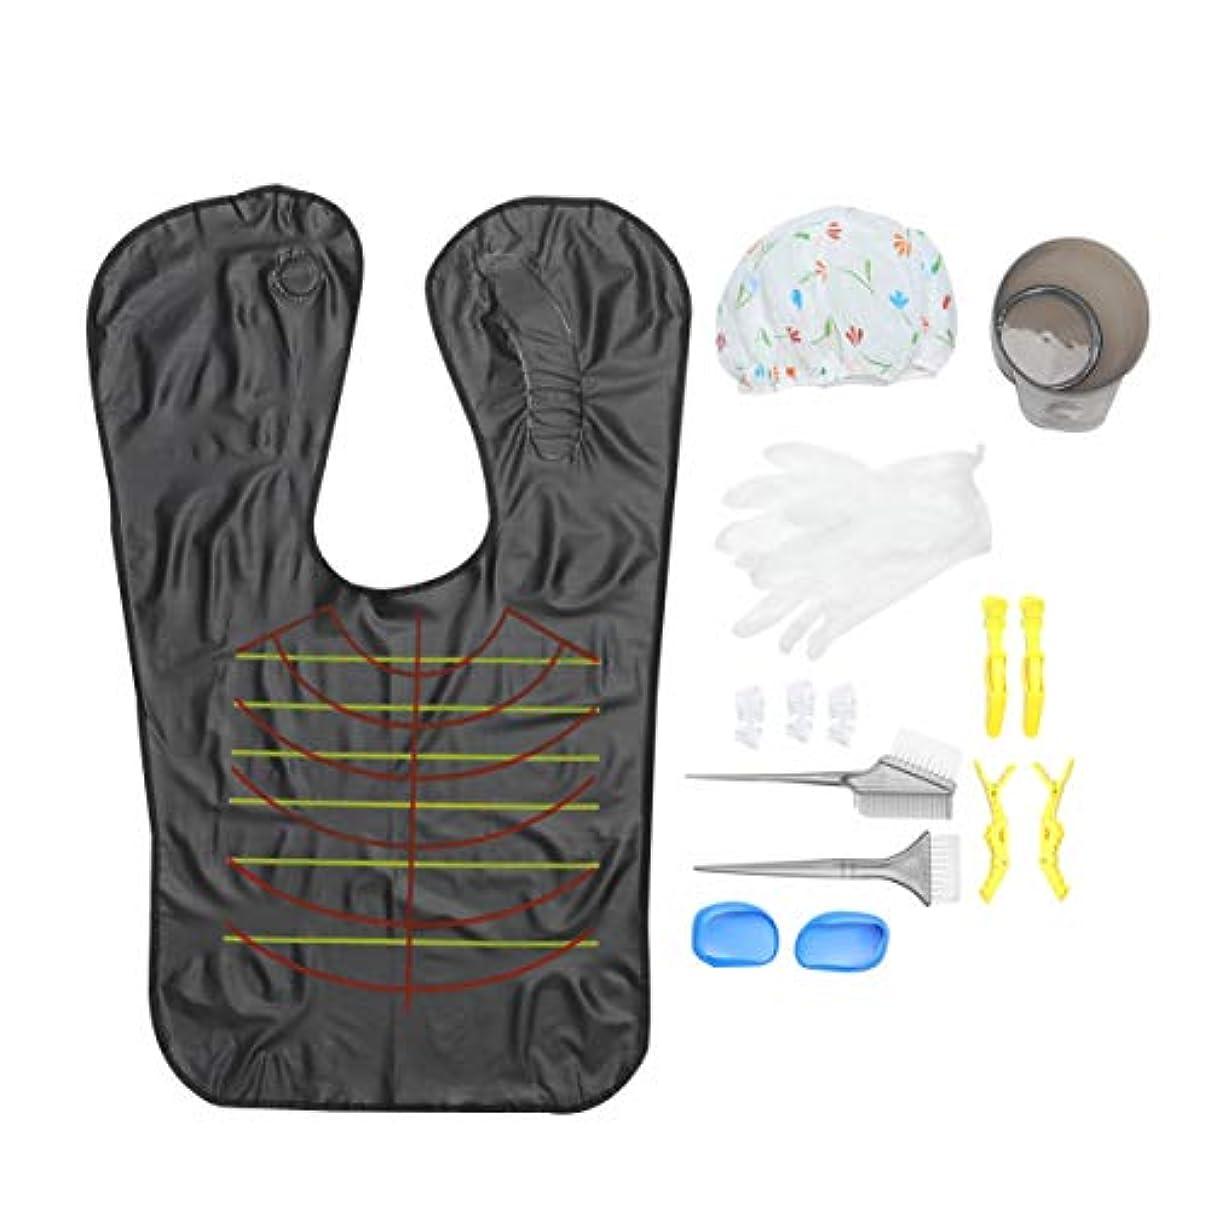 王位バリー賃金Minkissy ヘアダイキットミキシングボウルコームブラシイヤーキャップ手袋ケープシャワーキャップ着色ツール使い捨て1セット